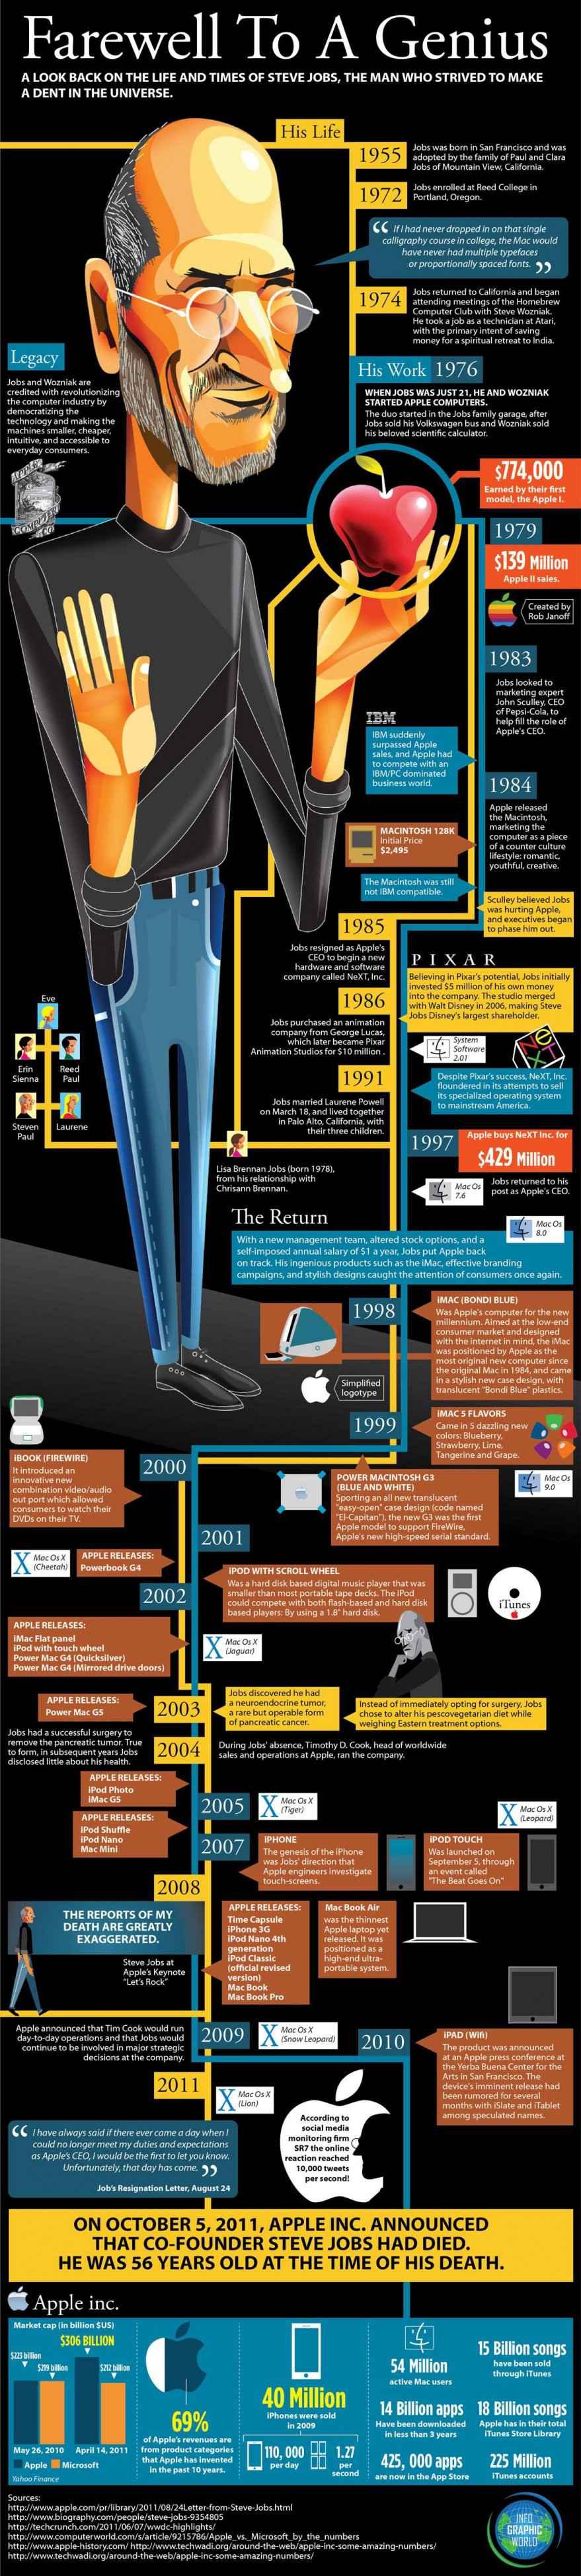 Une infographie sur Steve Jobs